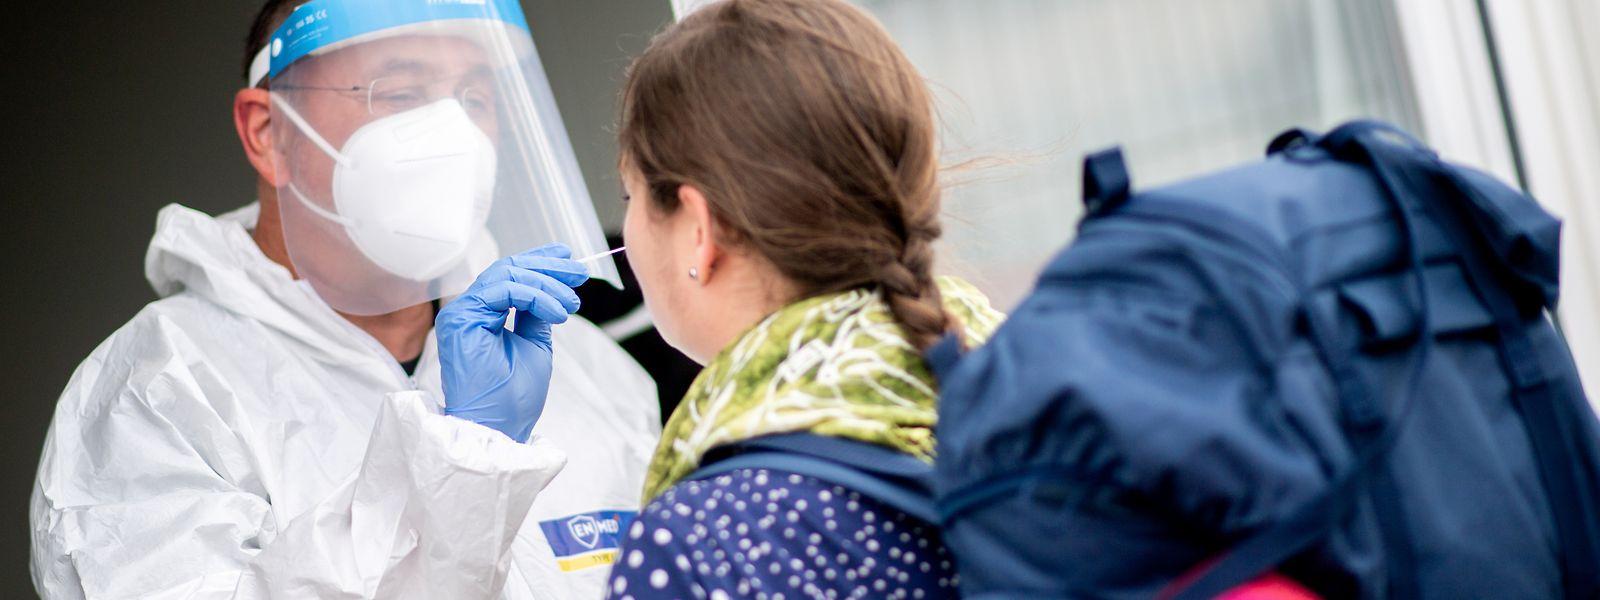 Avis aux voyageurs pressés d'avoir un certificat officiel de tests covid négatif, une soixantaine de pharmacies proposent déjà ce service.